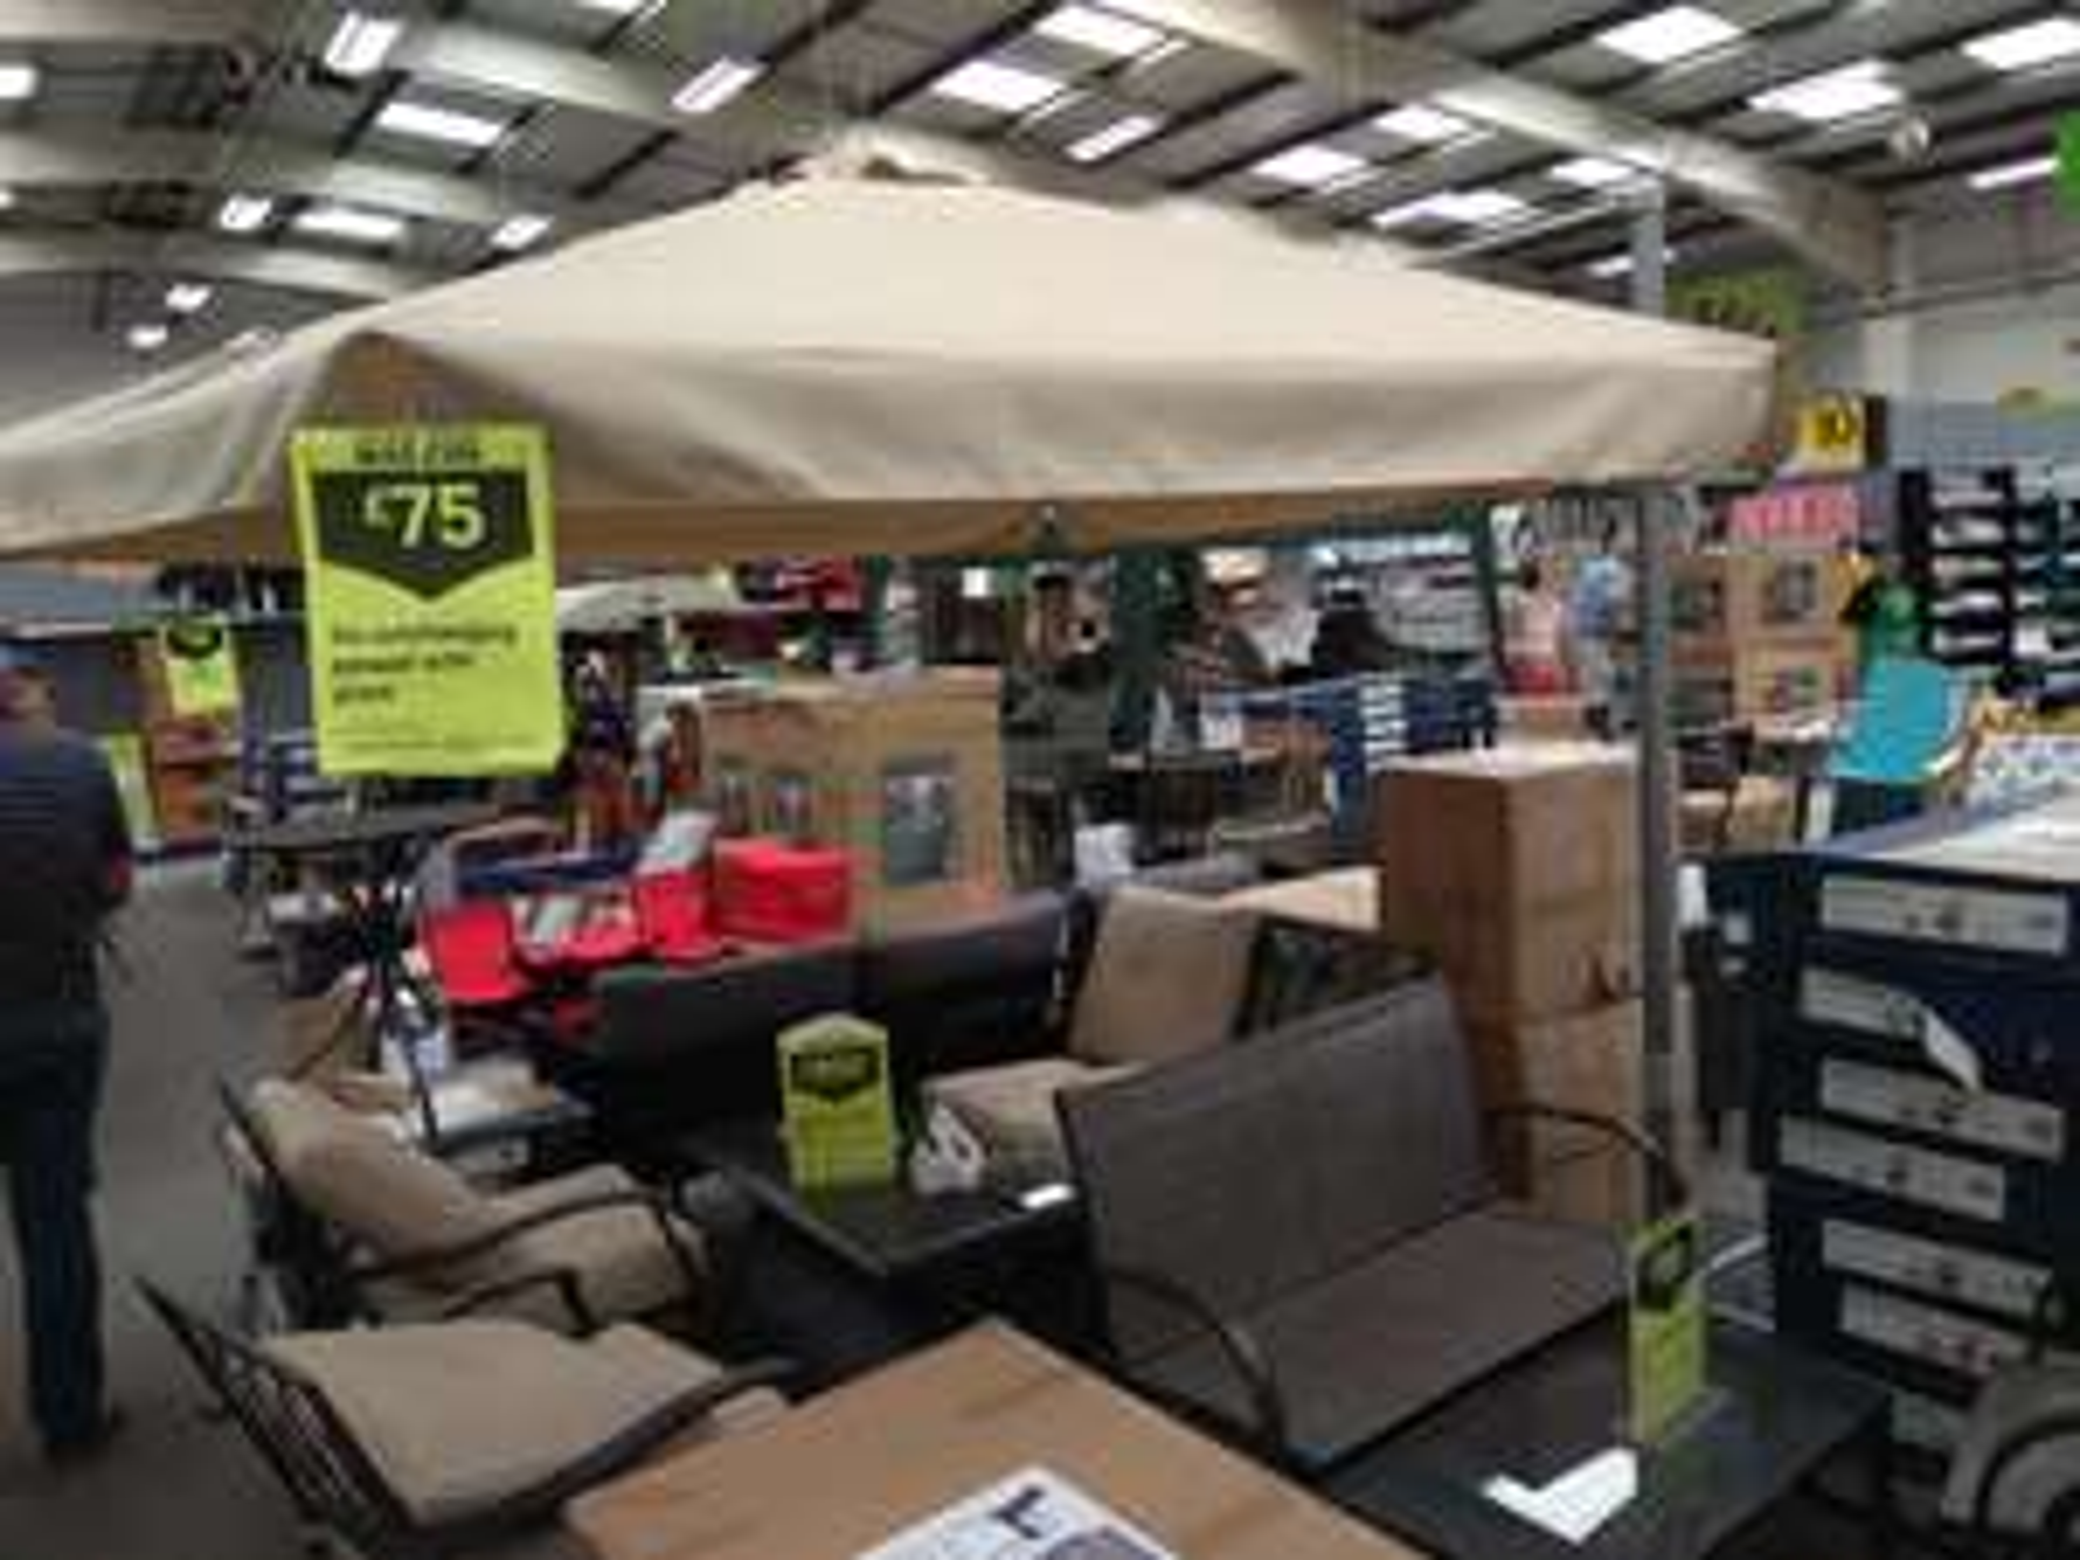 Overhanging parasol 3 m at Homebase for £75